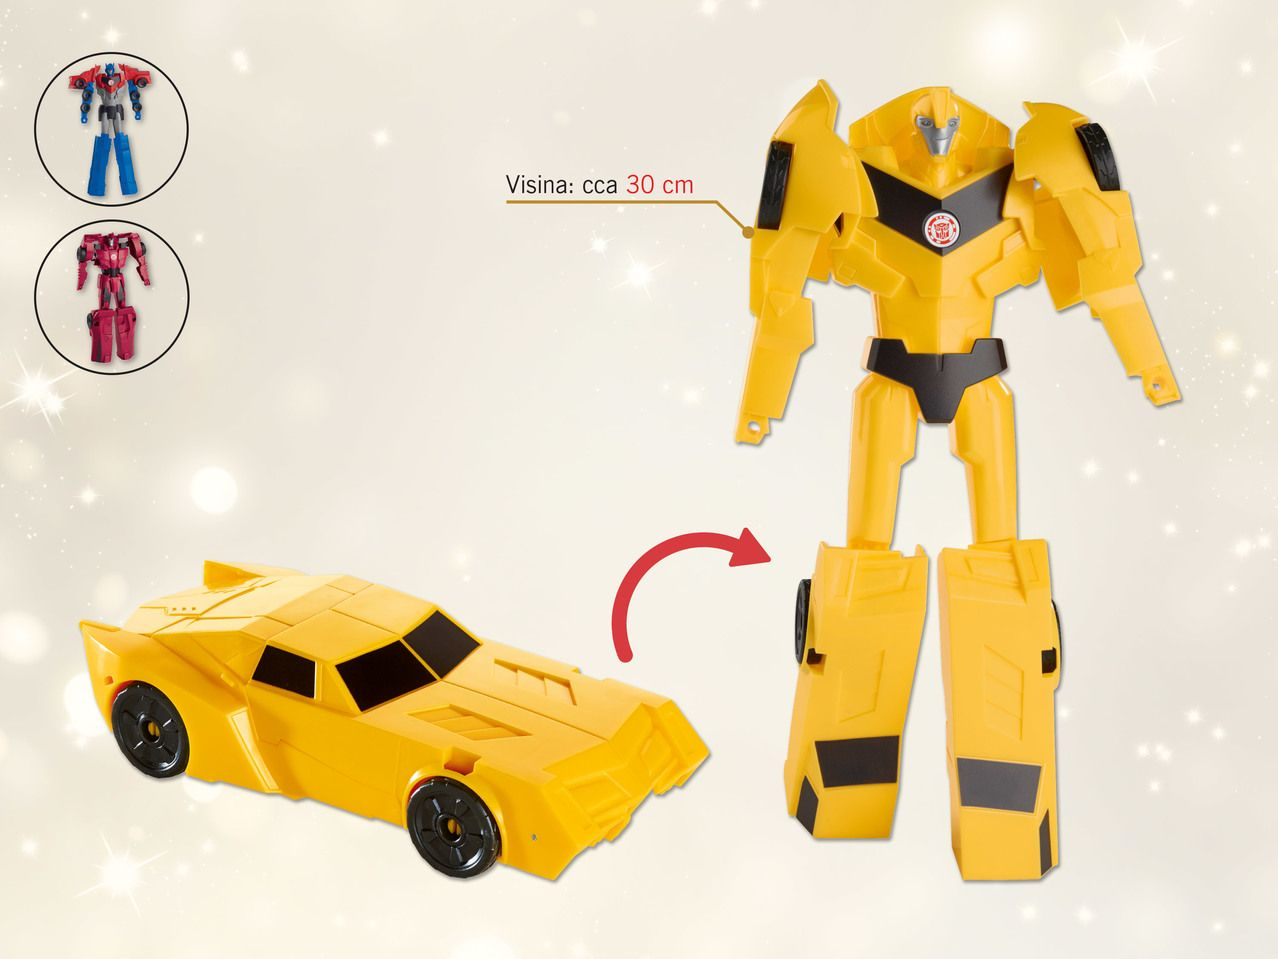 Figura Transformers U Lidl Hrvatska Toy Car Lidl Transformers